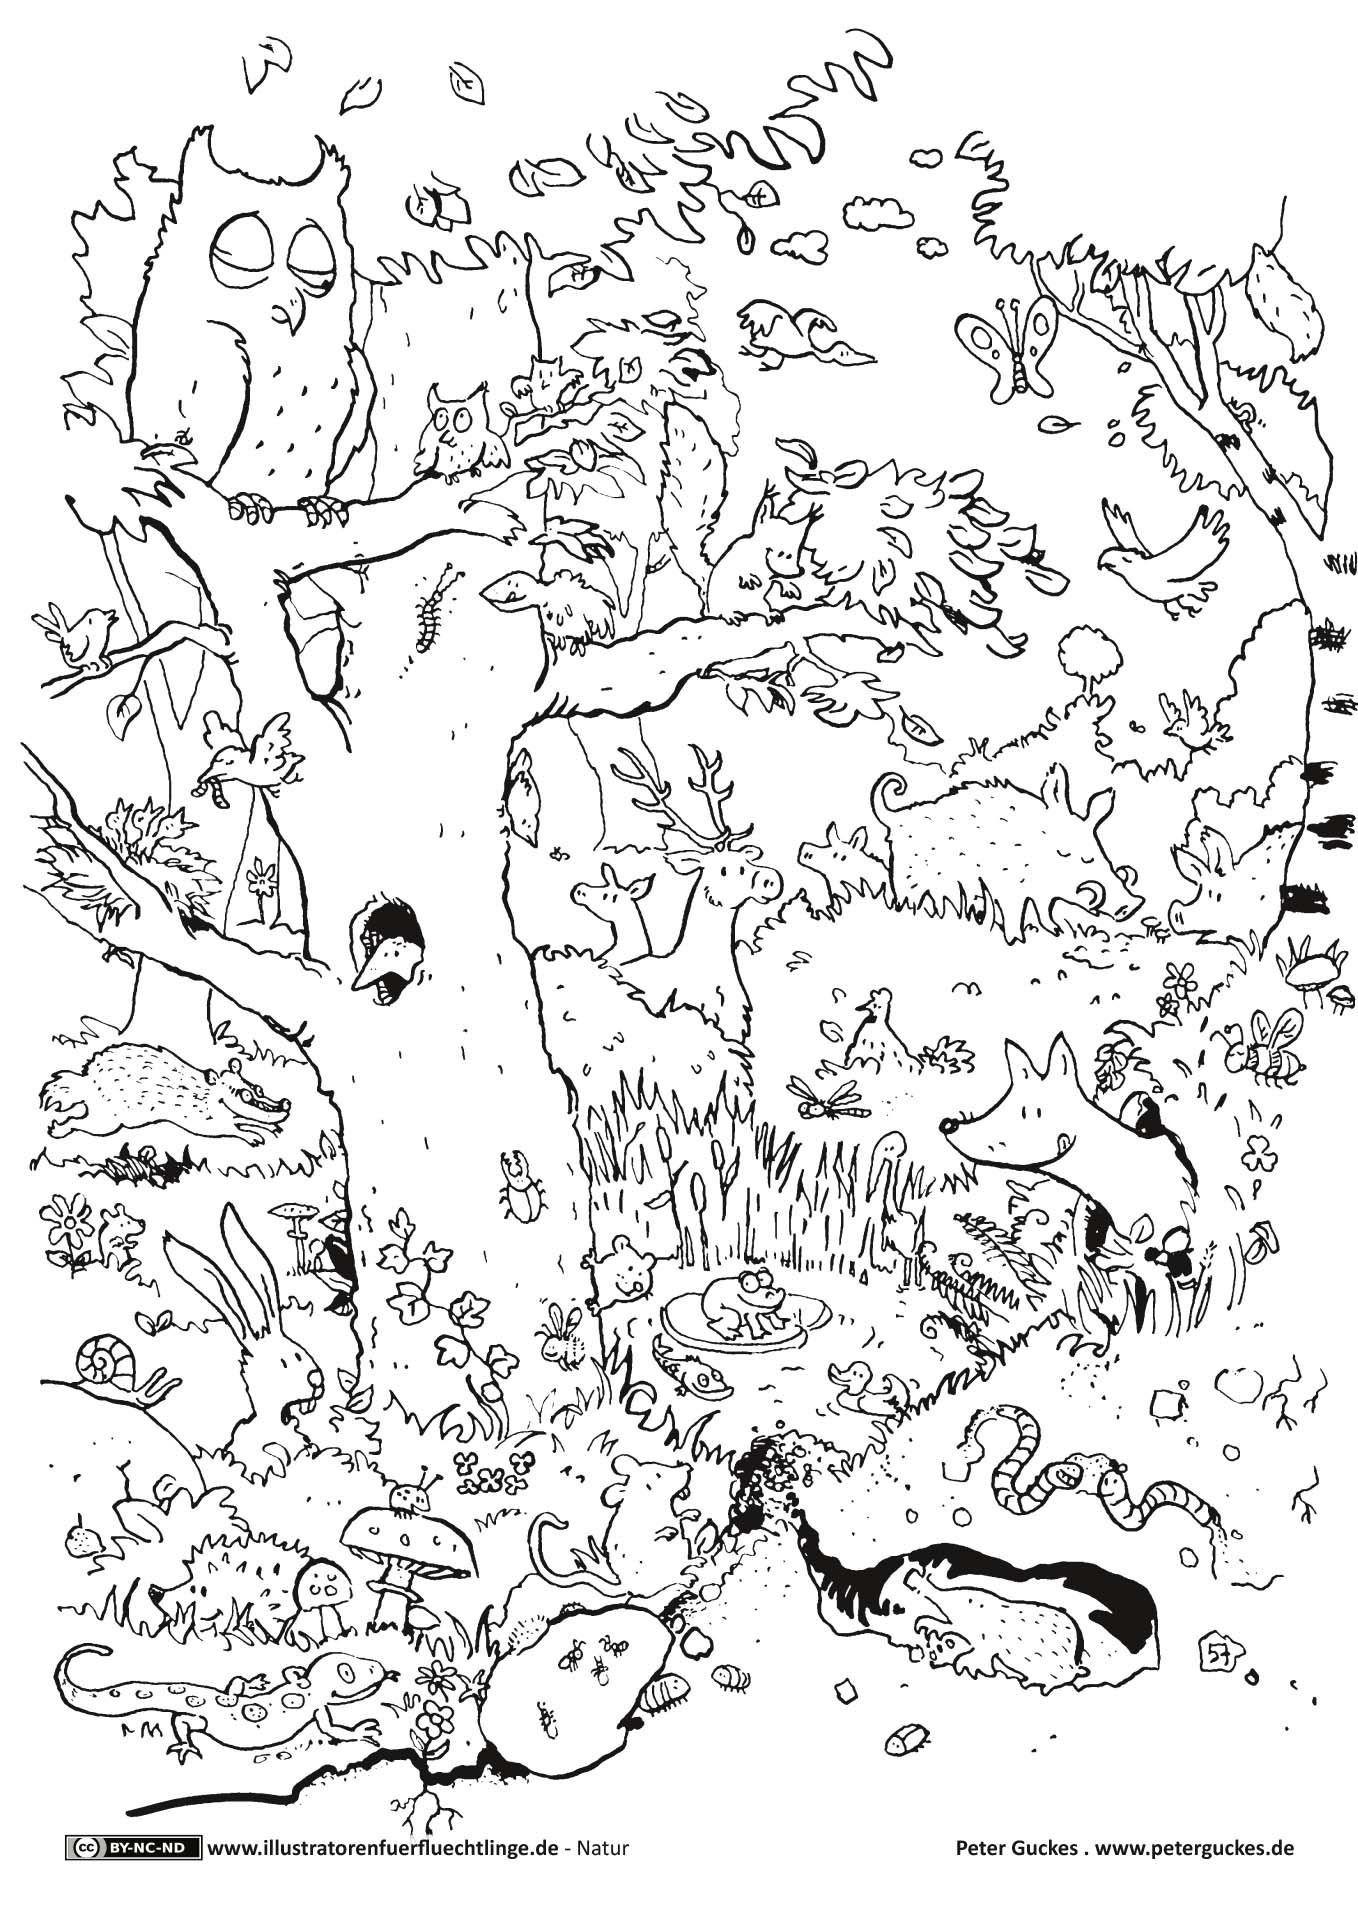 Die Besten Von Ausmalbilder Tiere Dessin Christmas Pinterest Perfect Color Of Ausmalbilder Ko Coloring Pages Coloring Pages Inspirational Coloring Books